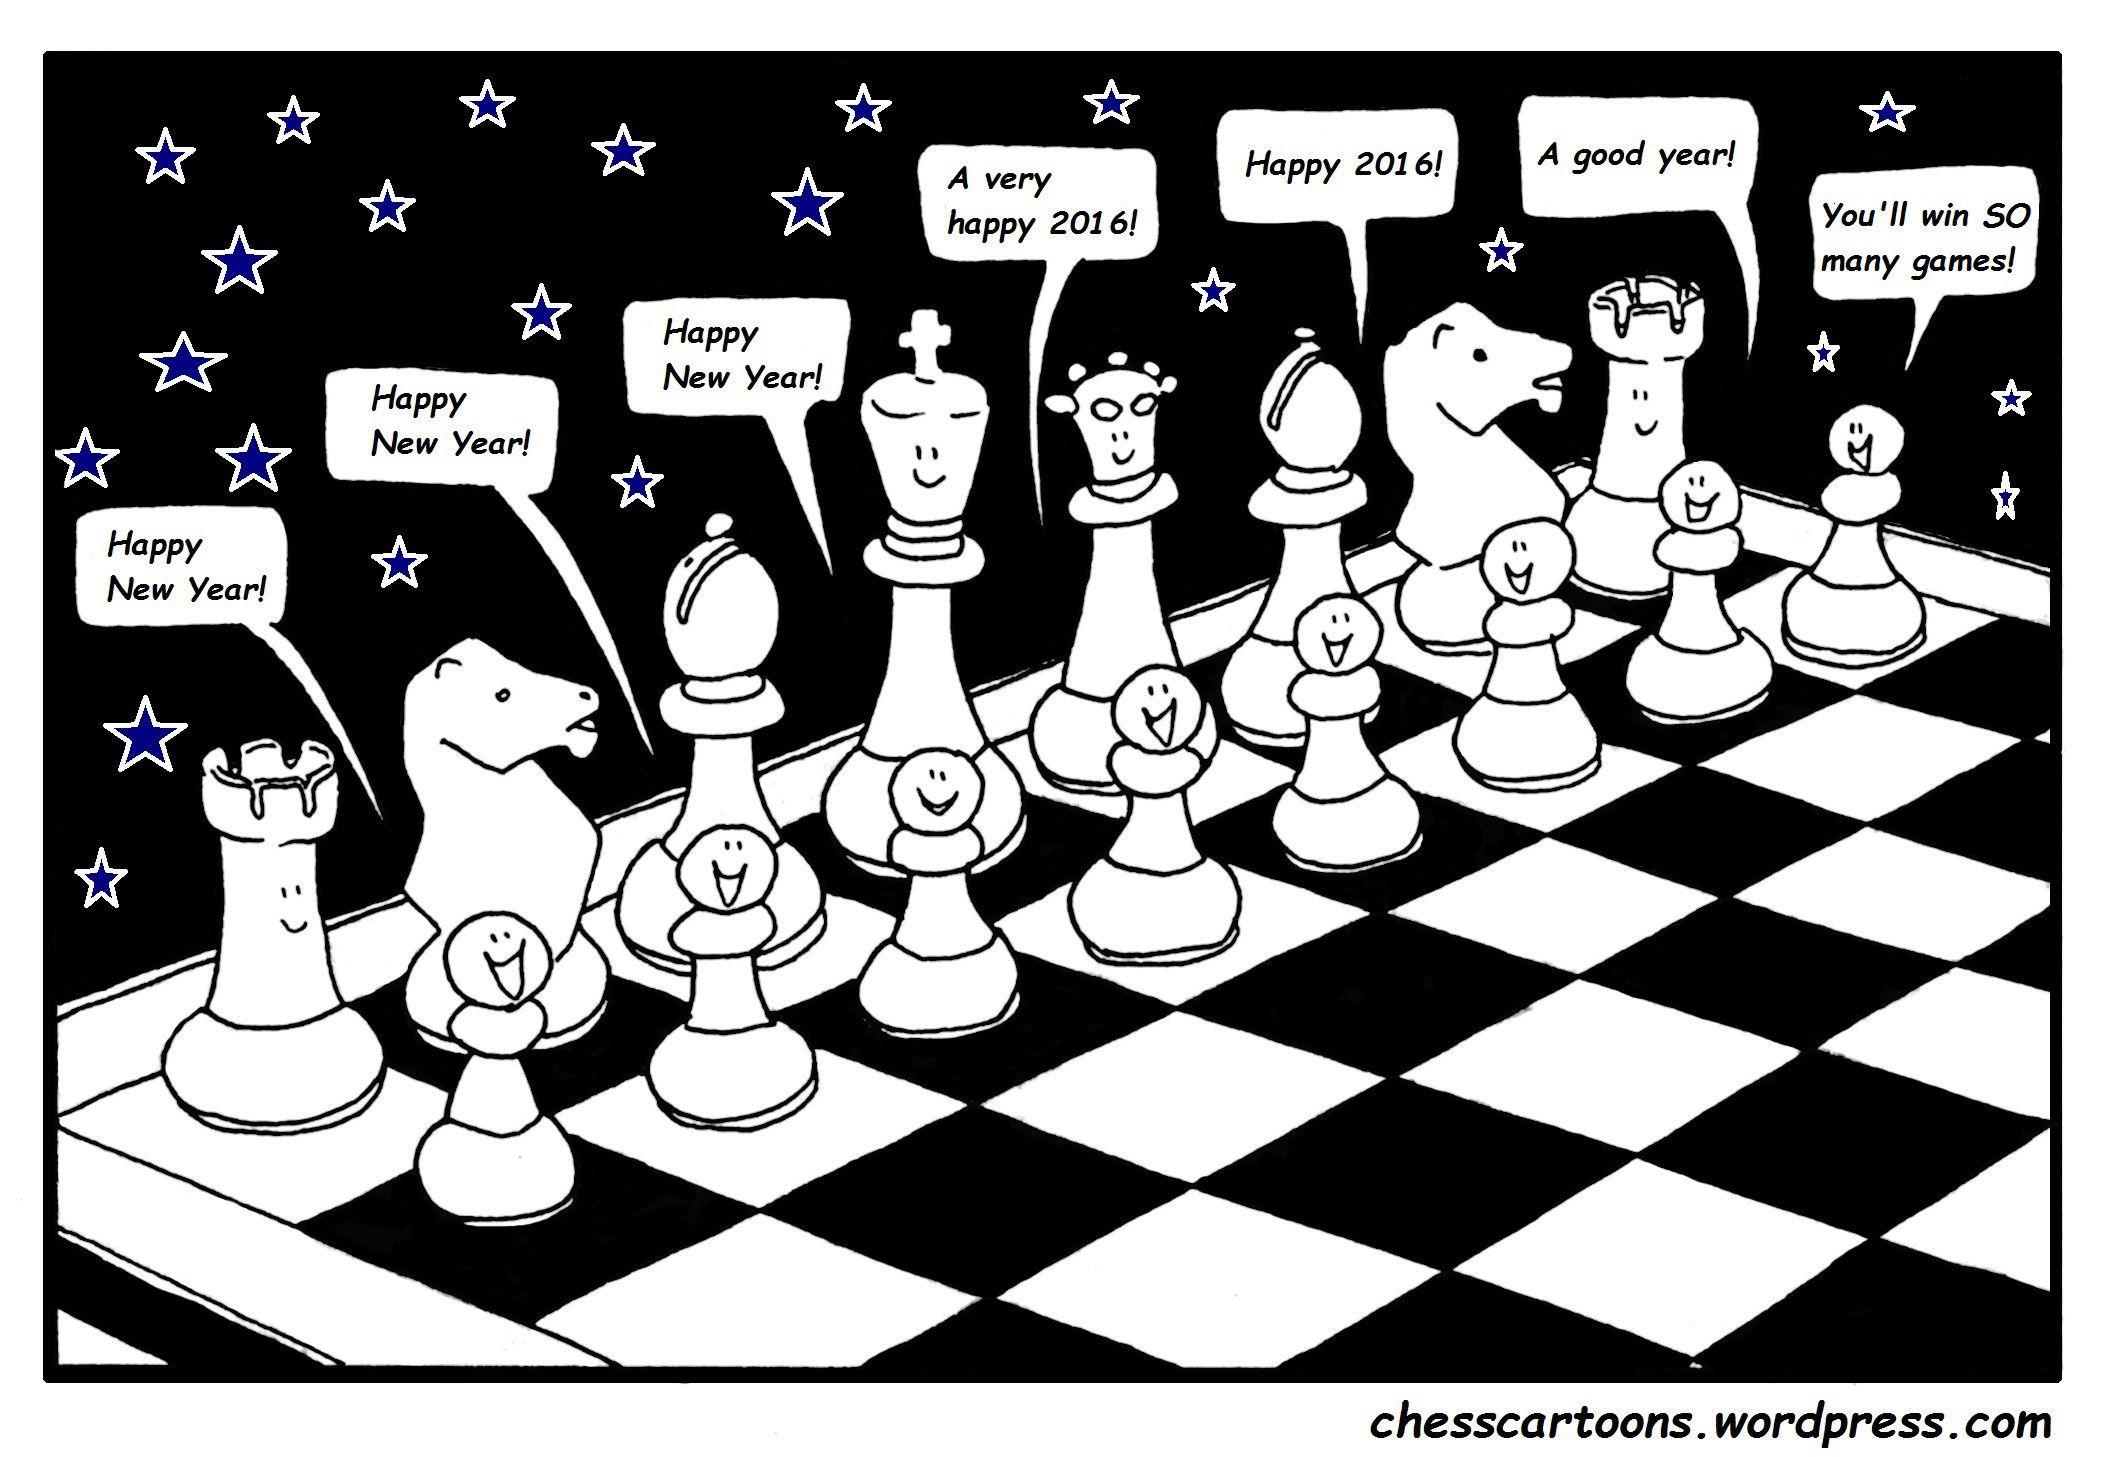 Foam party orgy